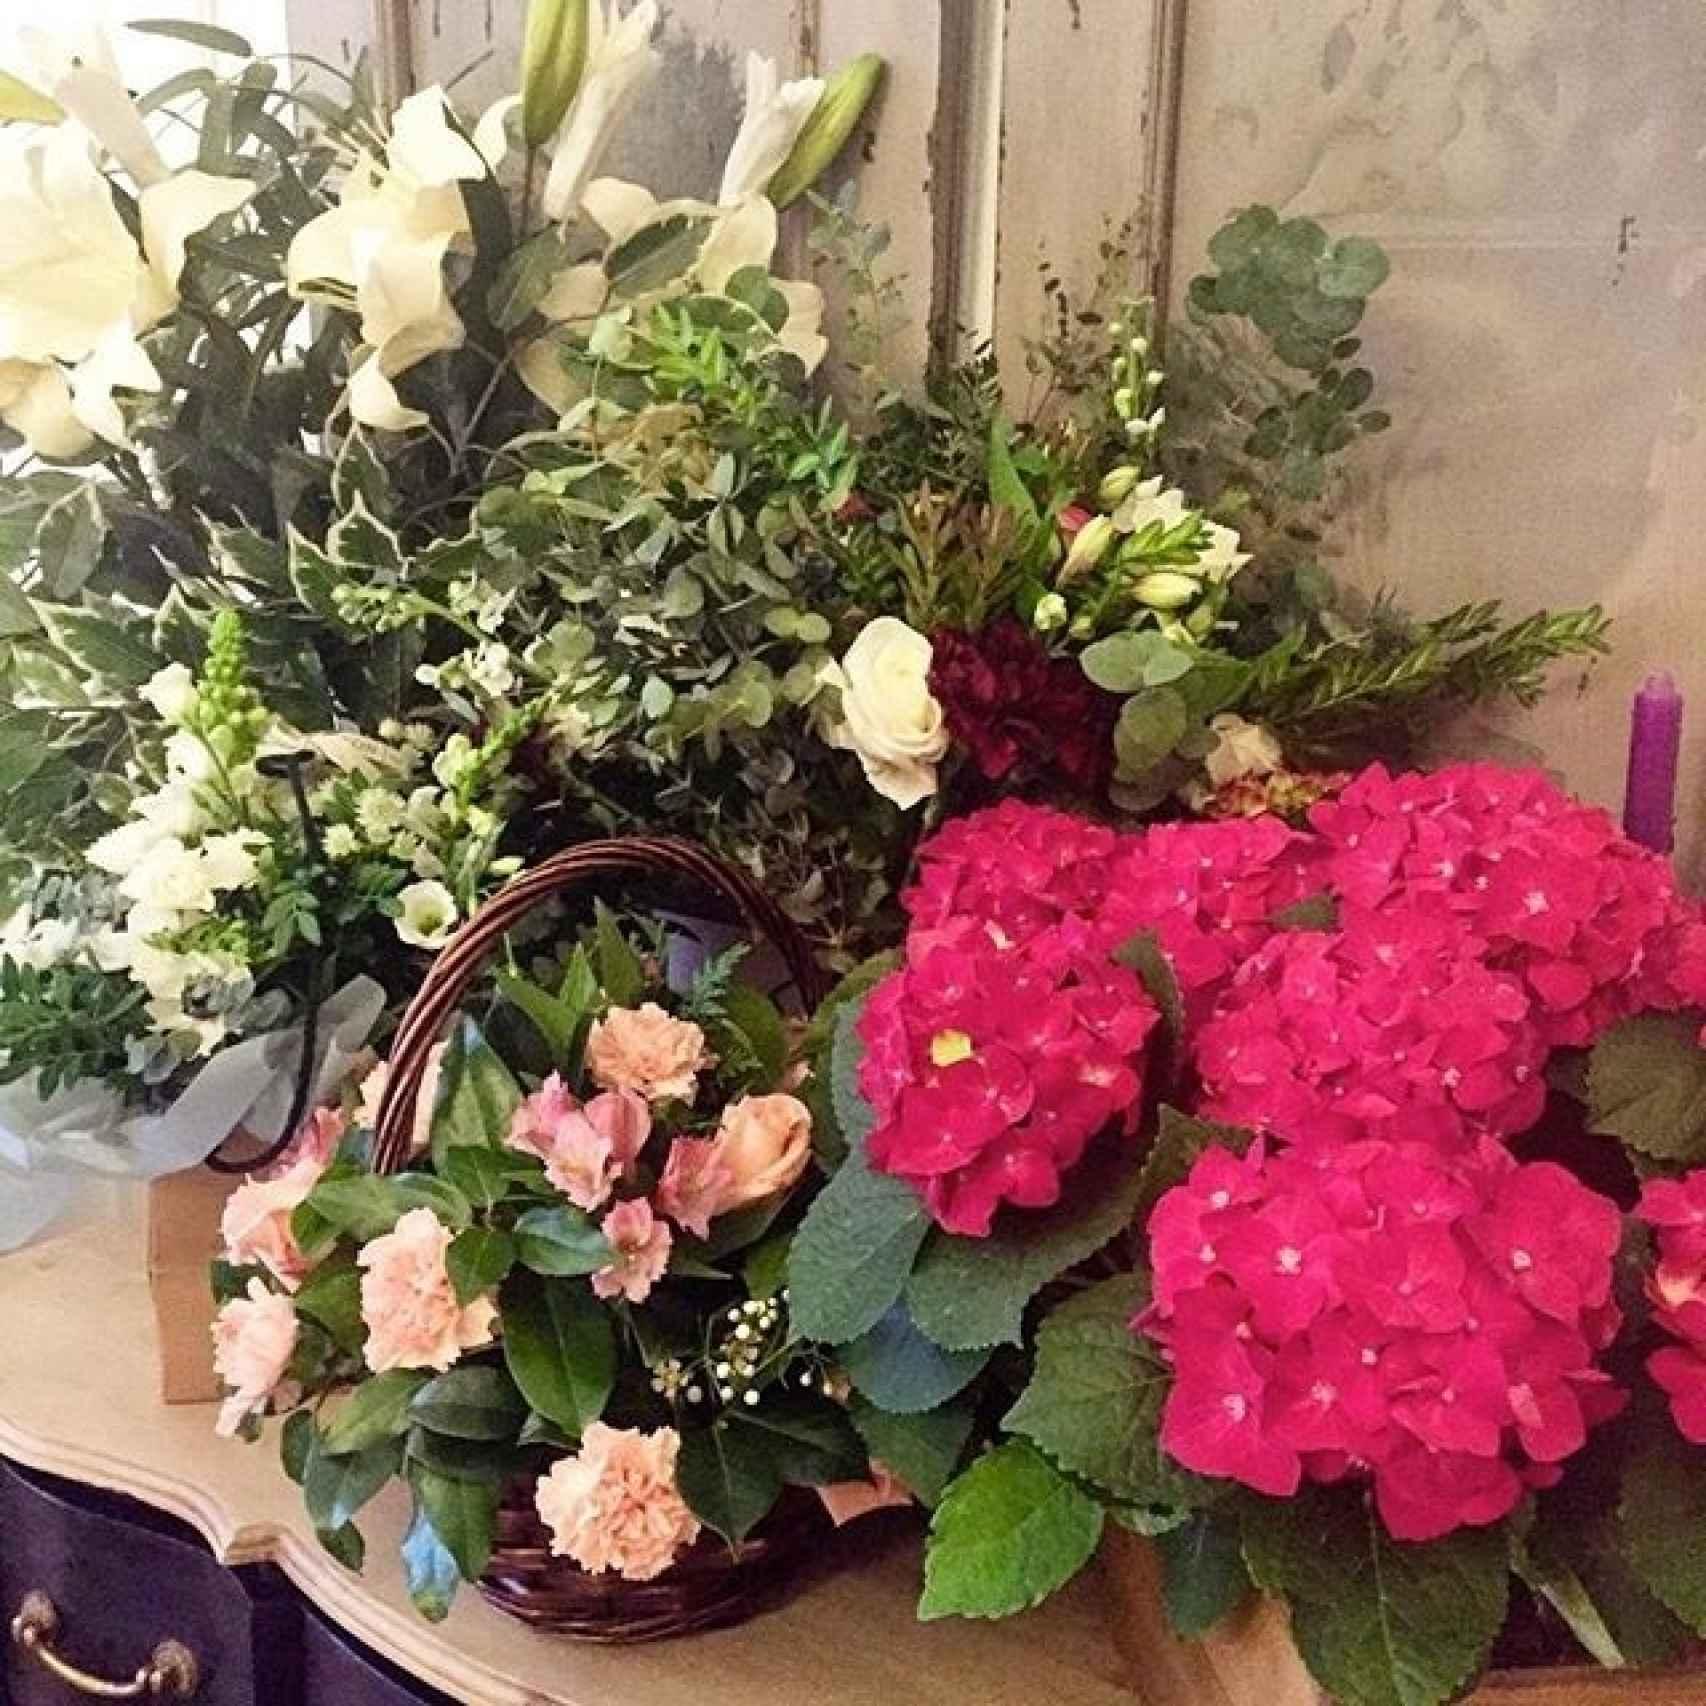 Los ramos de flores que ha recibido Andrea Pascual de sus amigos